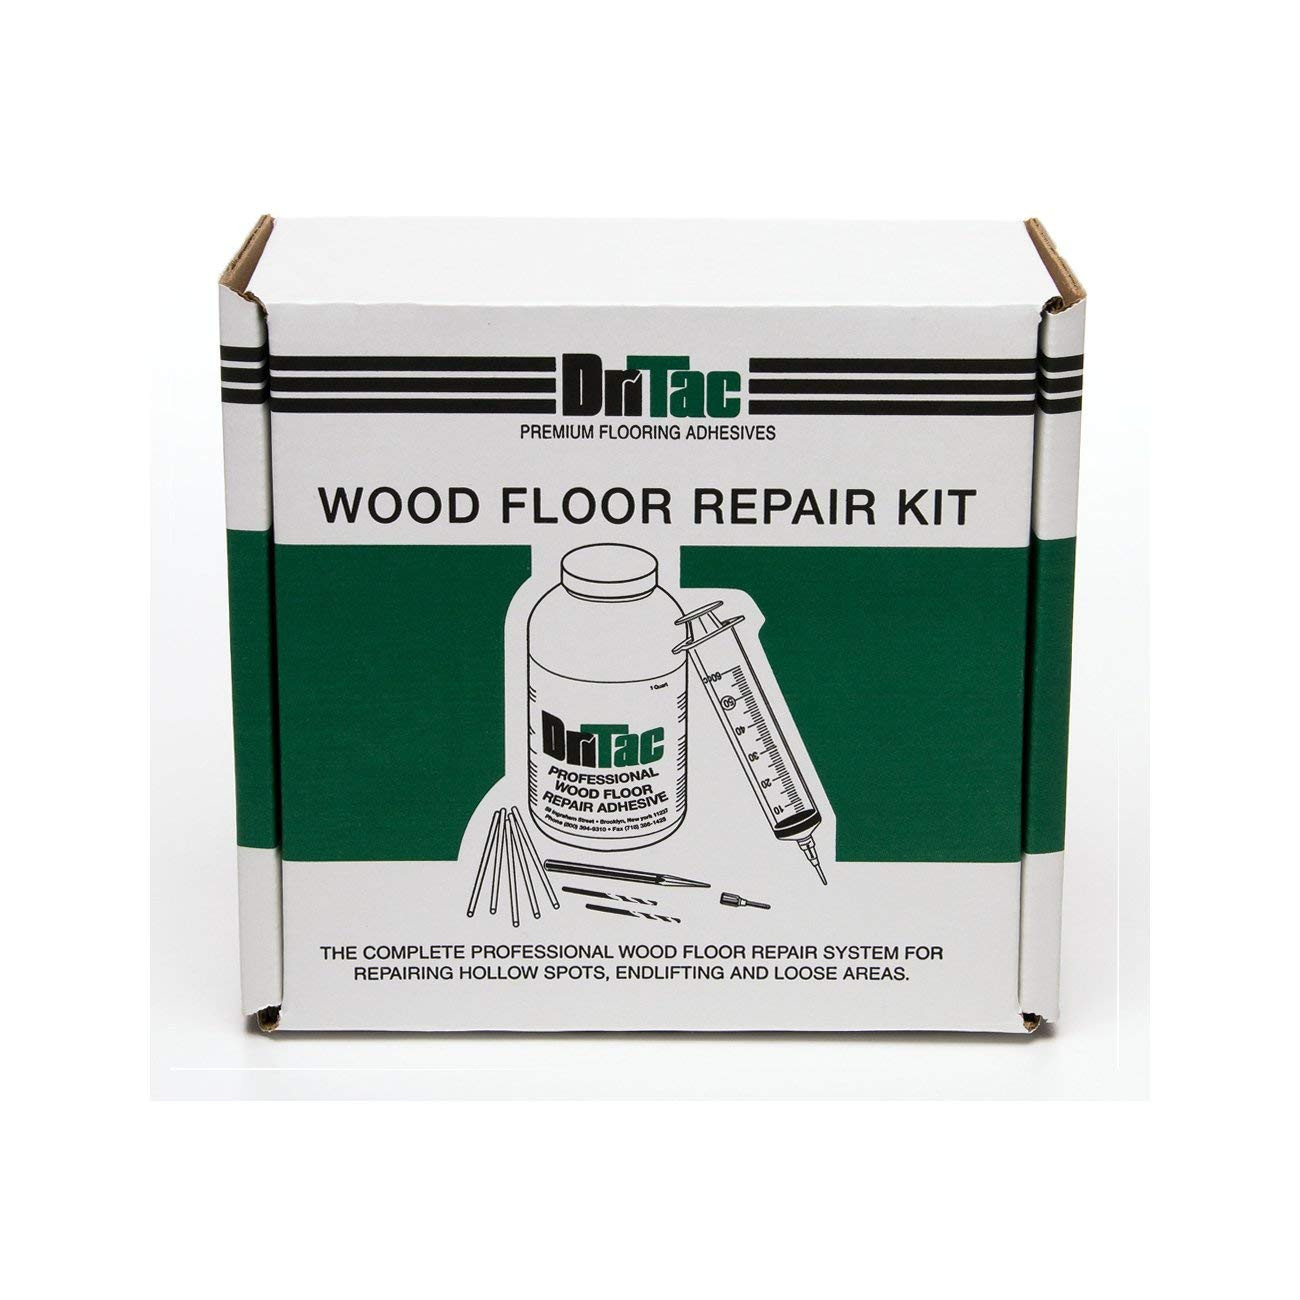 hardwood floor scratch filler of amazon com dritac wood floor repair kit engineered flooring only pertaining to amazon com dritac wood floor repair kit engineered flooring only 32oz home kitchen